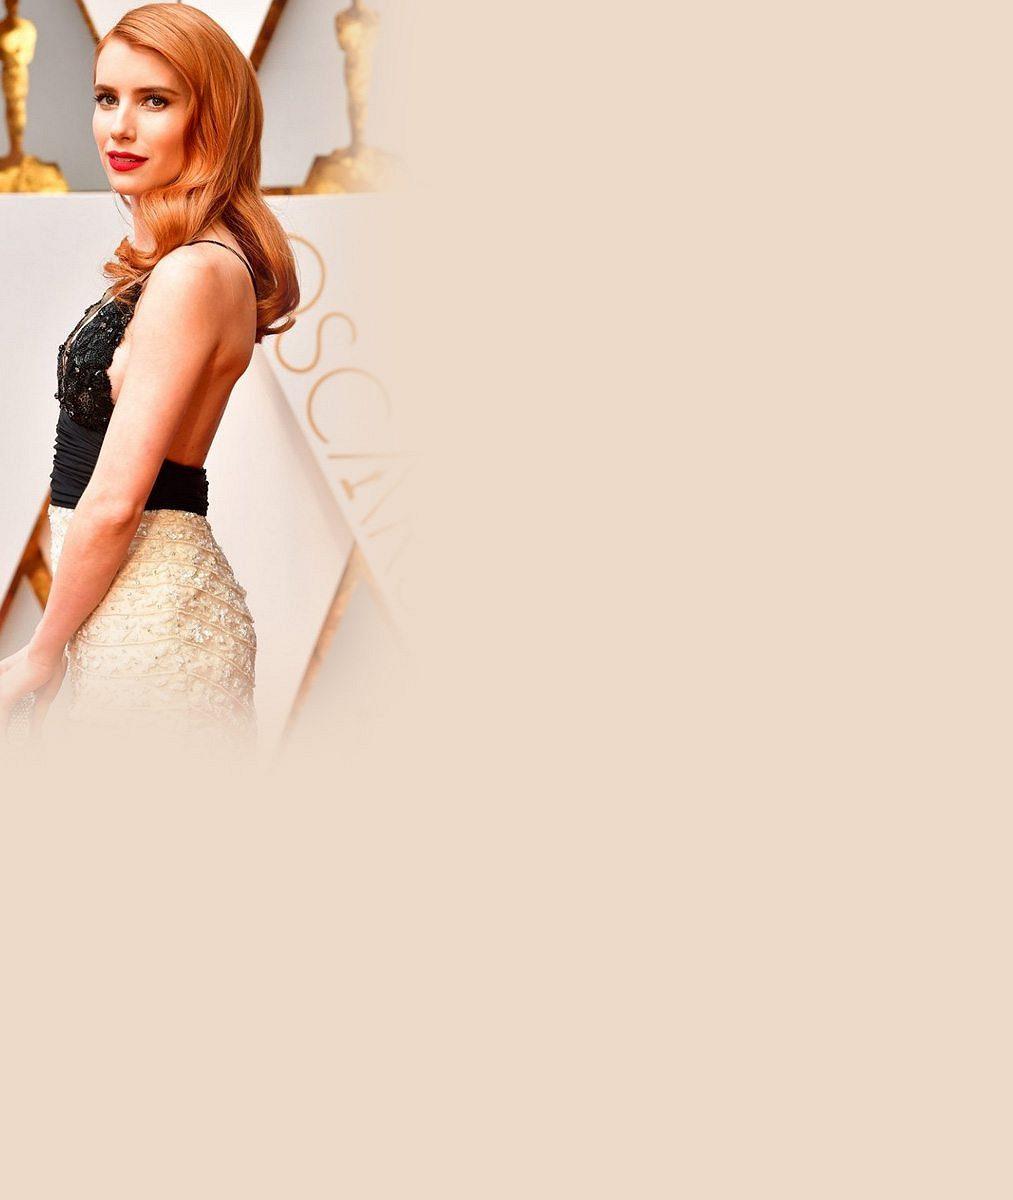 Slavné tetě ostudu neudělá: Neteř Pretty Woman ukázala drobný alabastrový dekolt i staronového snoubence